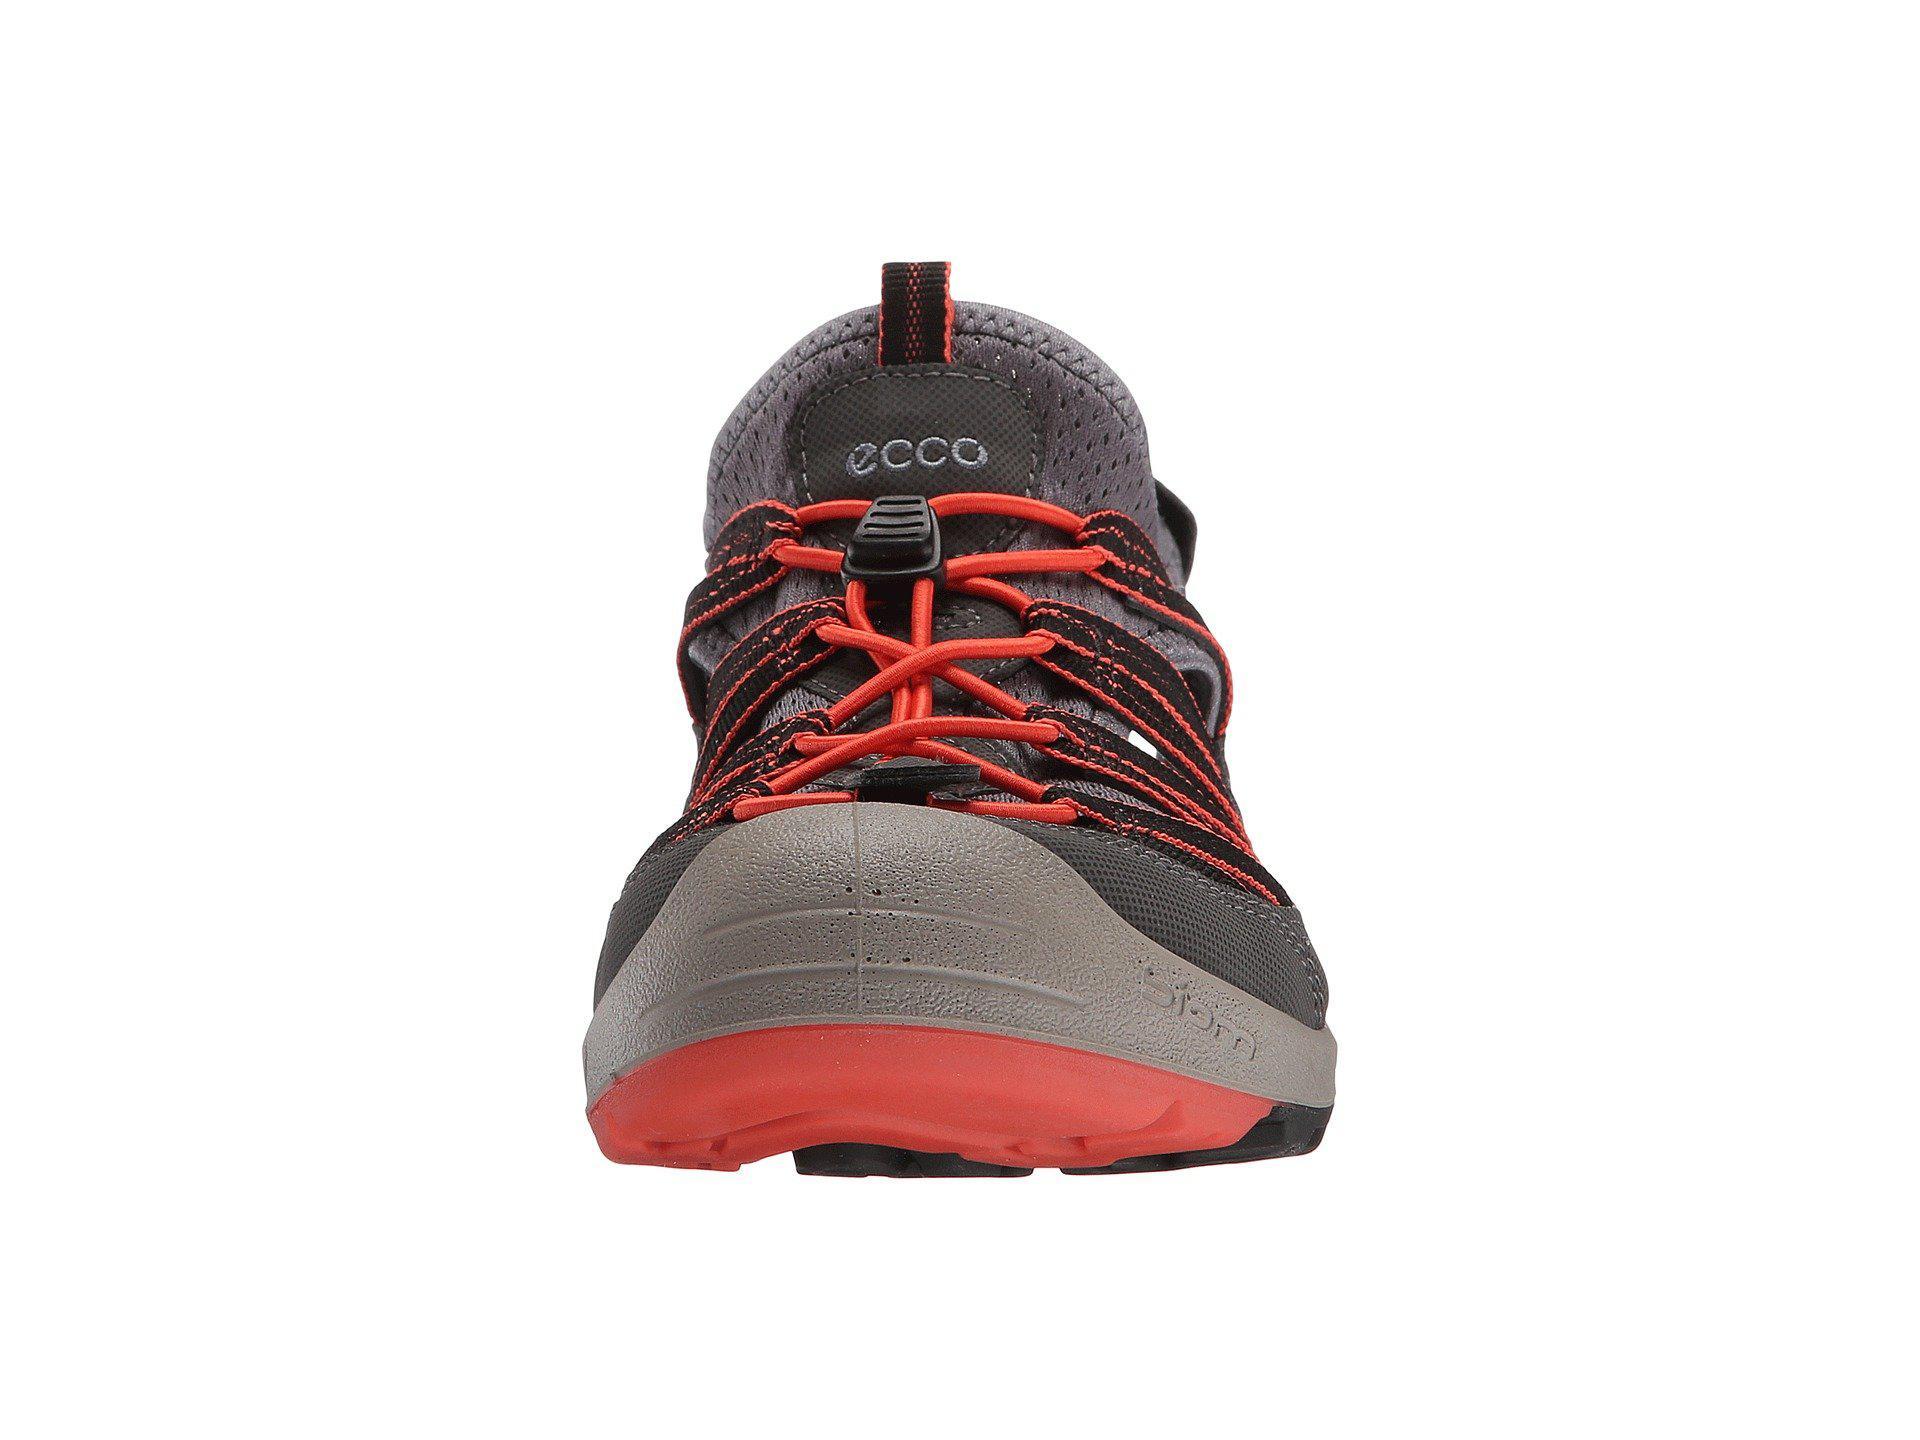 0797fb1d8fb2 Lyst - Ecco Biom Delta Sandal for Men